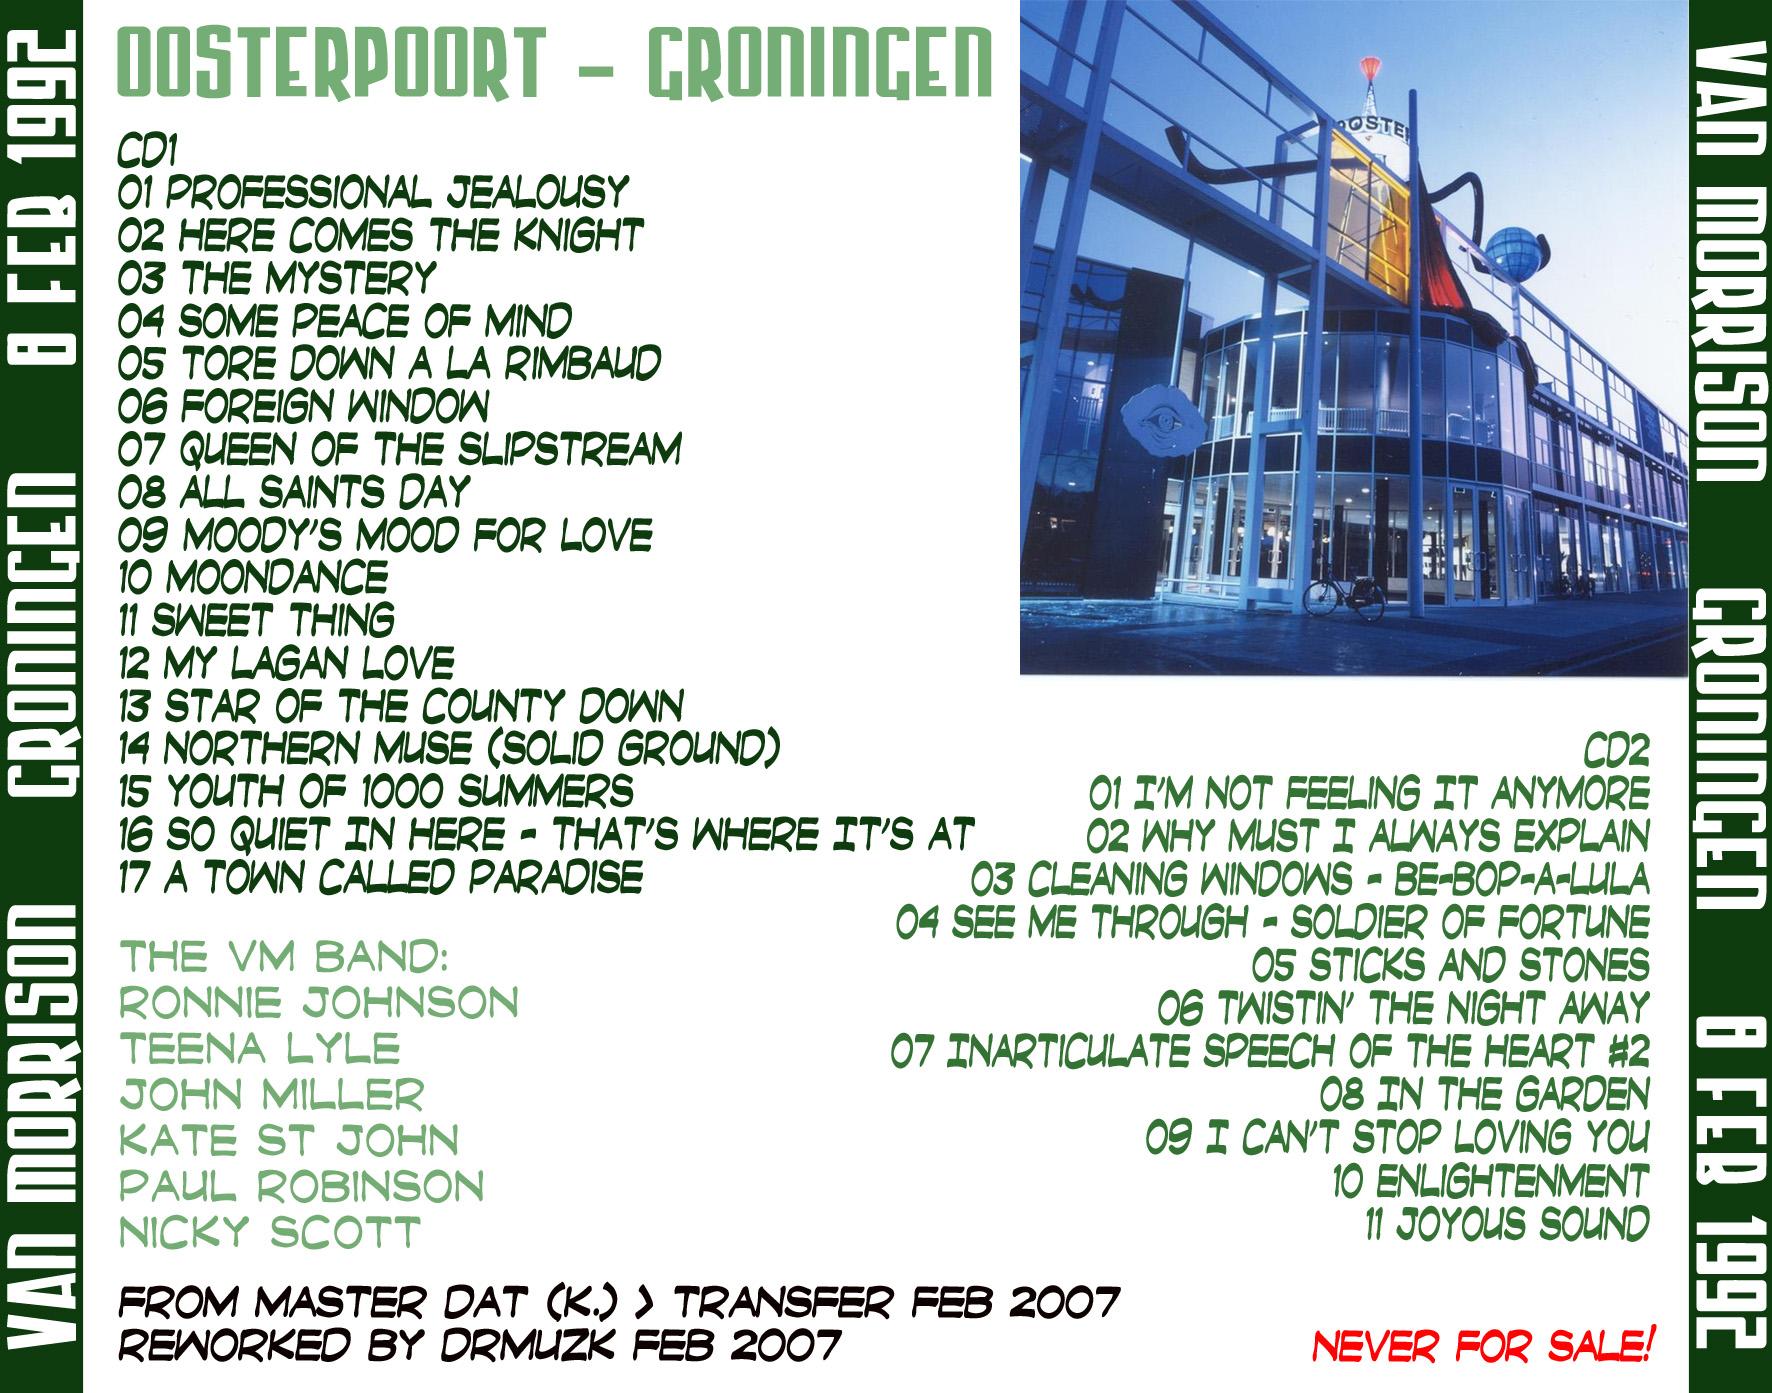 VanMorrison1992-02-08OosterpoortGroningenHolland2.jpg